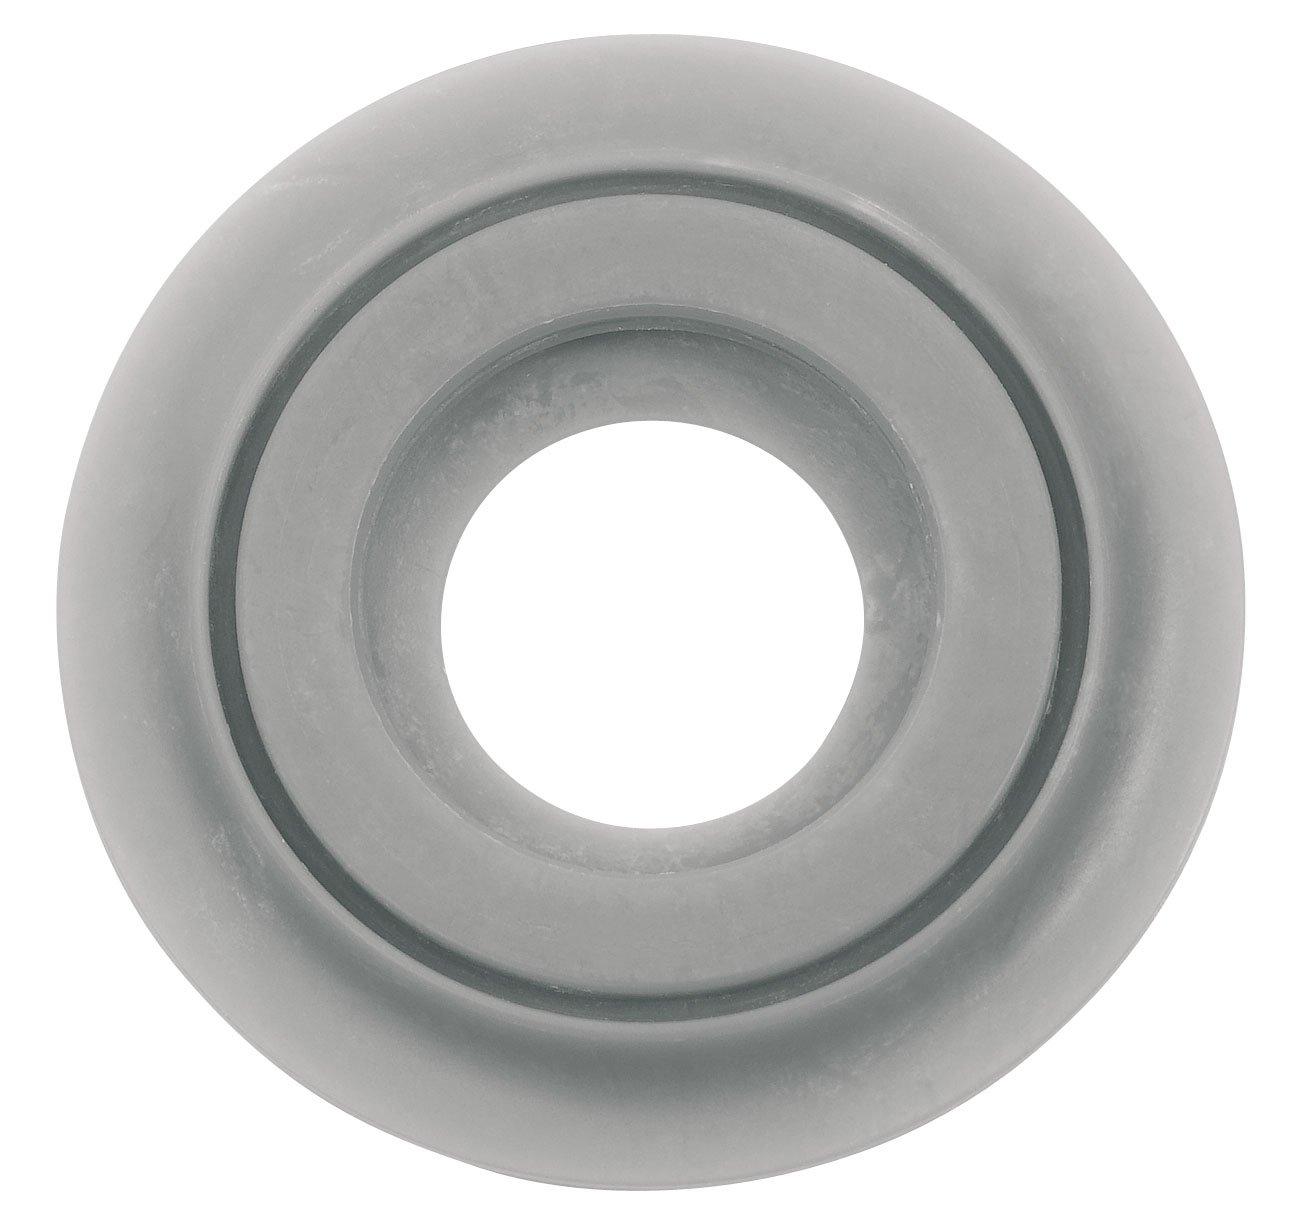 Wirquin 19025101 M25 Joint De Clapet Standard Amazon Fr Bricolage